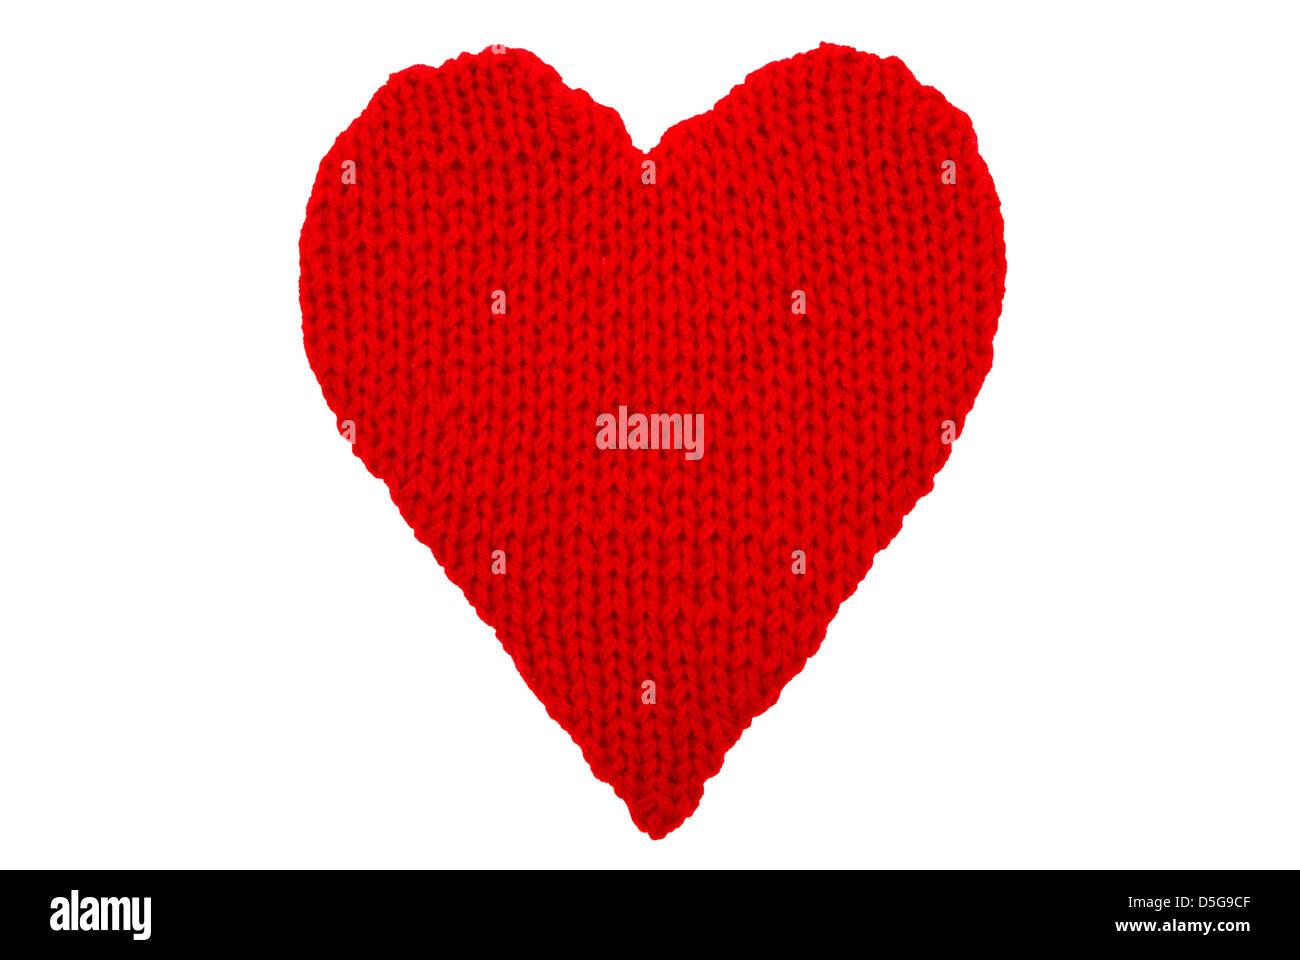 Corazón de lana en los alambres aislados sobre fondo blanco. Imagen De Stock